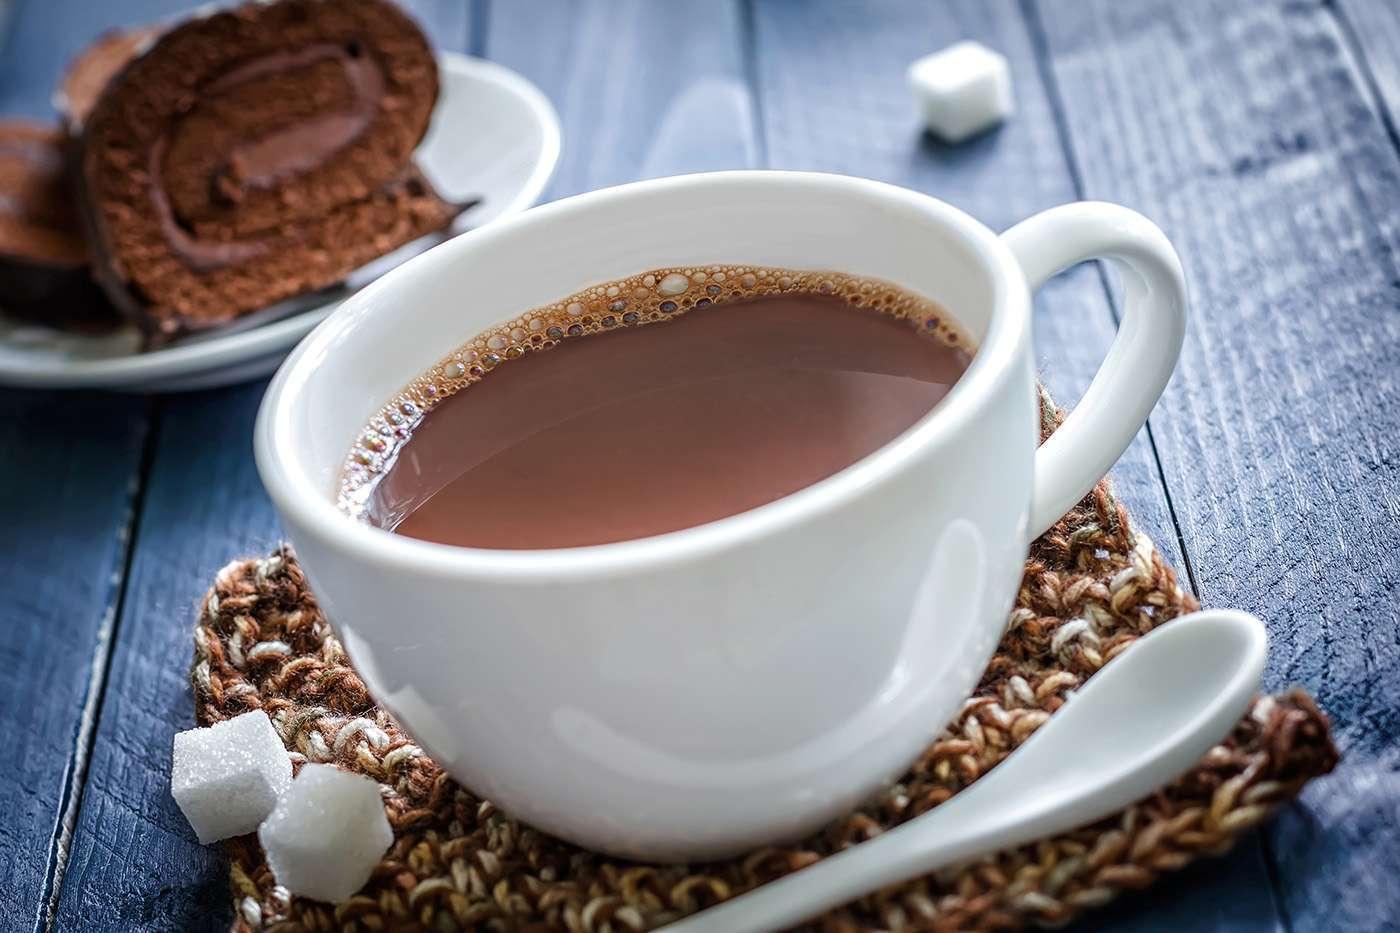 Как сварить какао из порошка «золотой ярлык» на молоке правильно и вкусно в домашних условиях – рецепт с фото пошагово